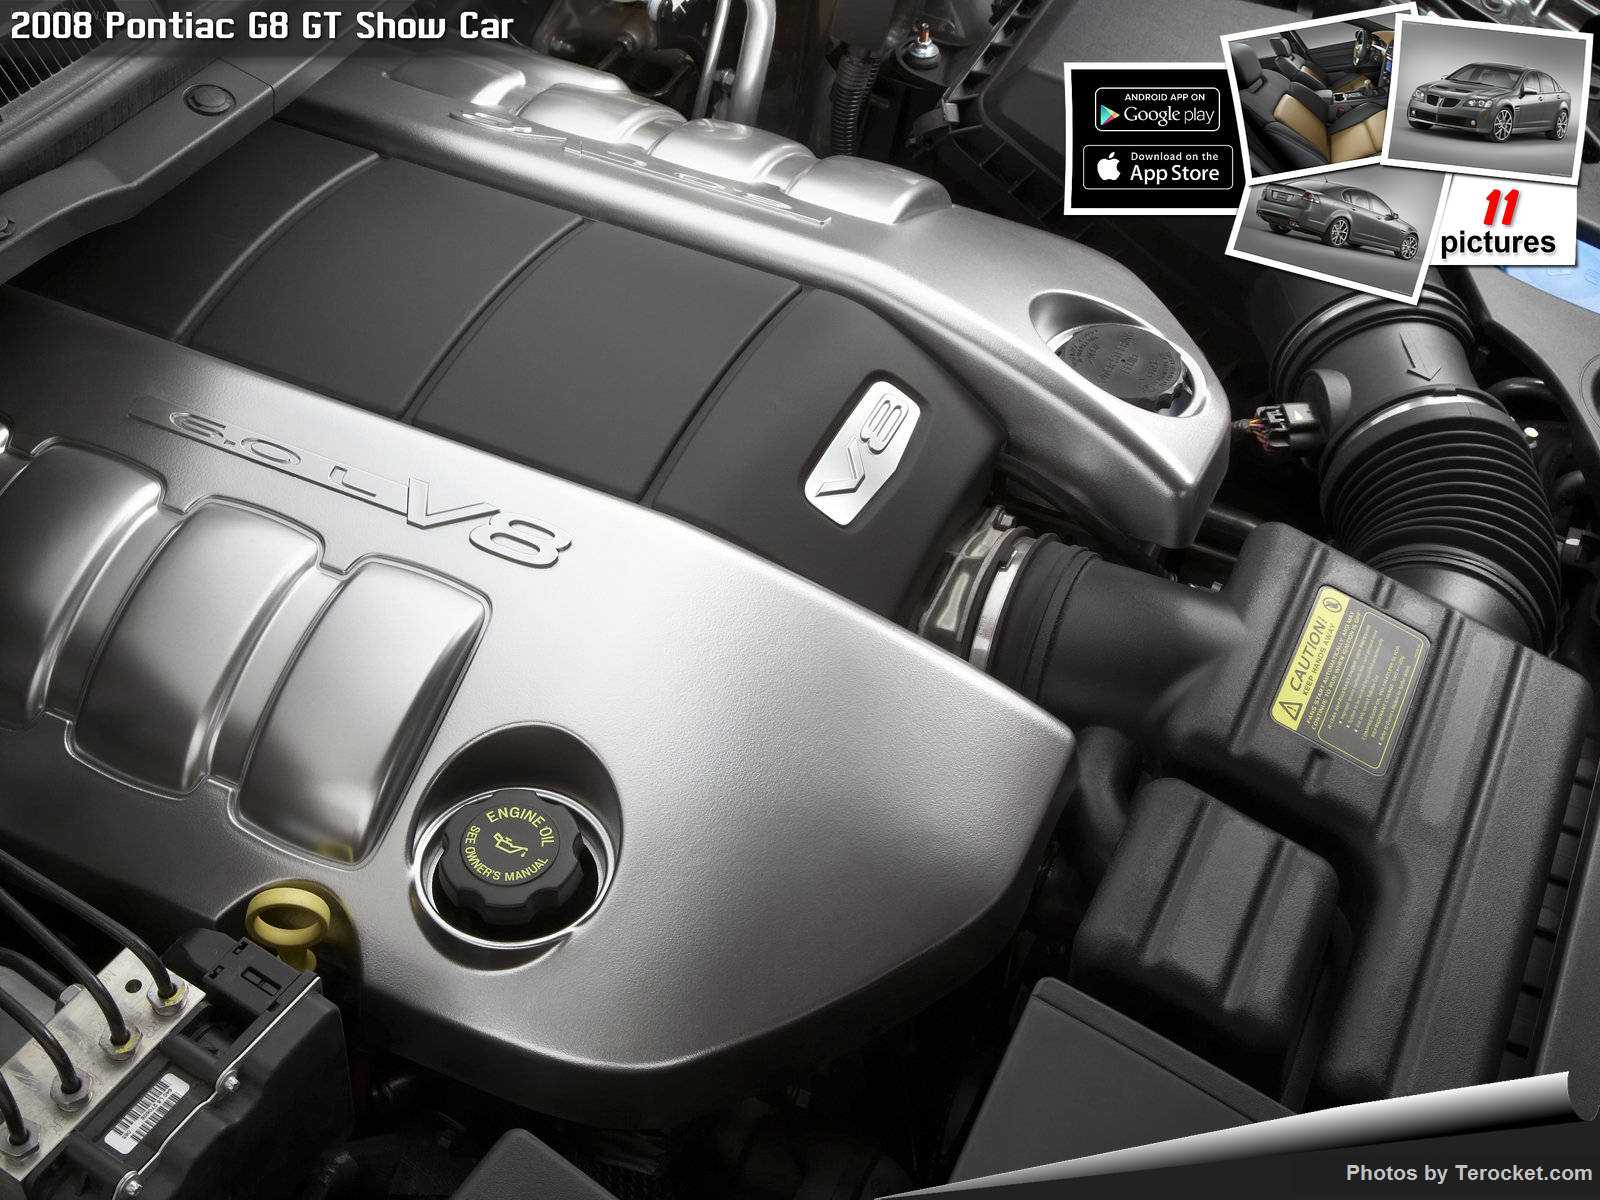 Hình ảnh xe ô tô Pontiac G8 GT Show Car 2008 & nội ngoại thất